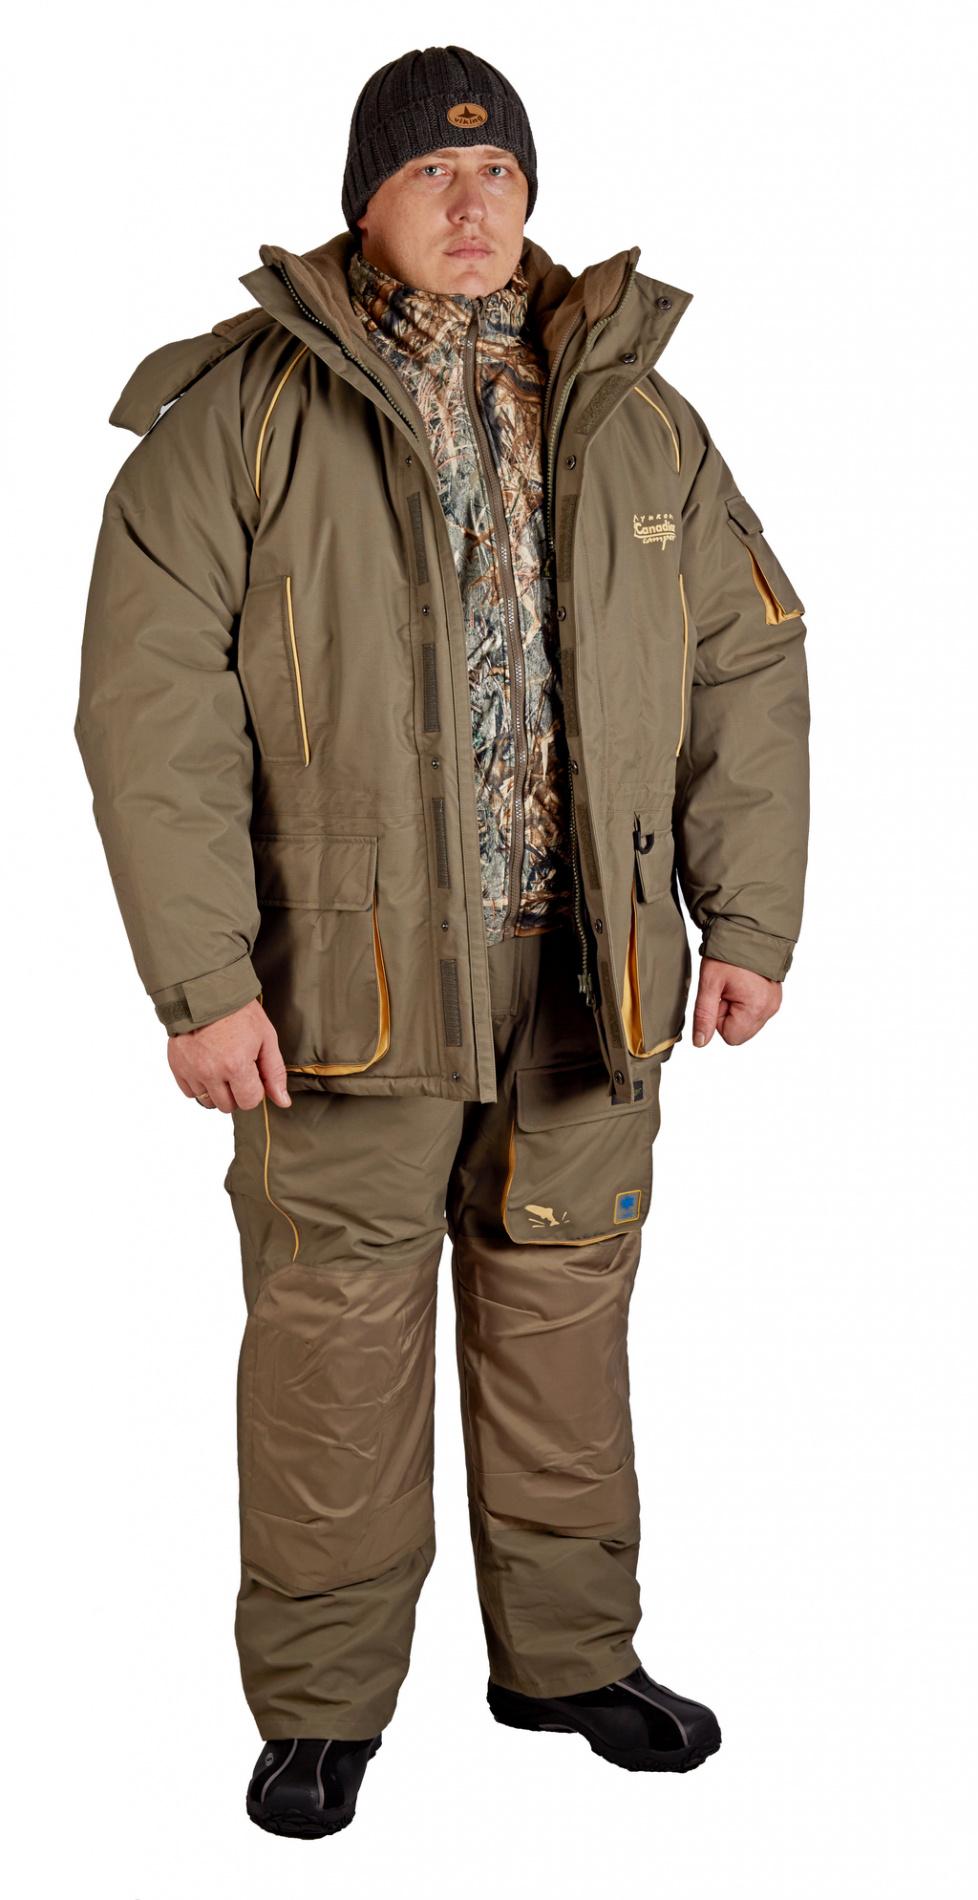 Комплект рыболовный зимний YUKON 3в1 (куртка+внутрення Костюмы утепленные<br>Комплект рыболовный зимний YUKON 3в1 (куртка+внутрення <br>куртка+брюки)<br><br>Пол: мужской<br>Размер: XL<br>Рост: II<br>Сезон: зима<br>Цвет: оливковый